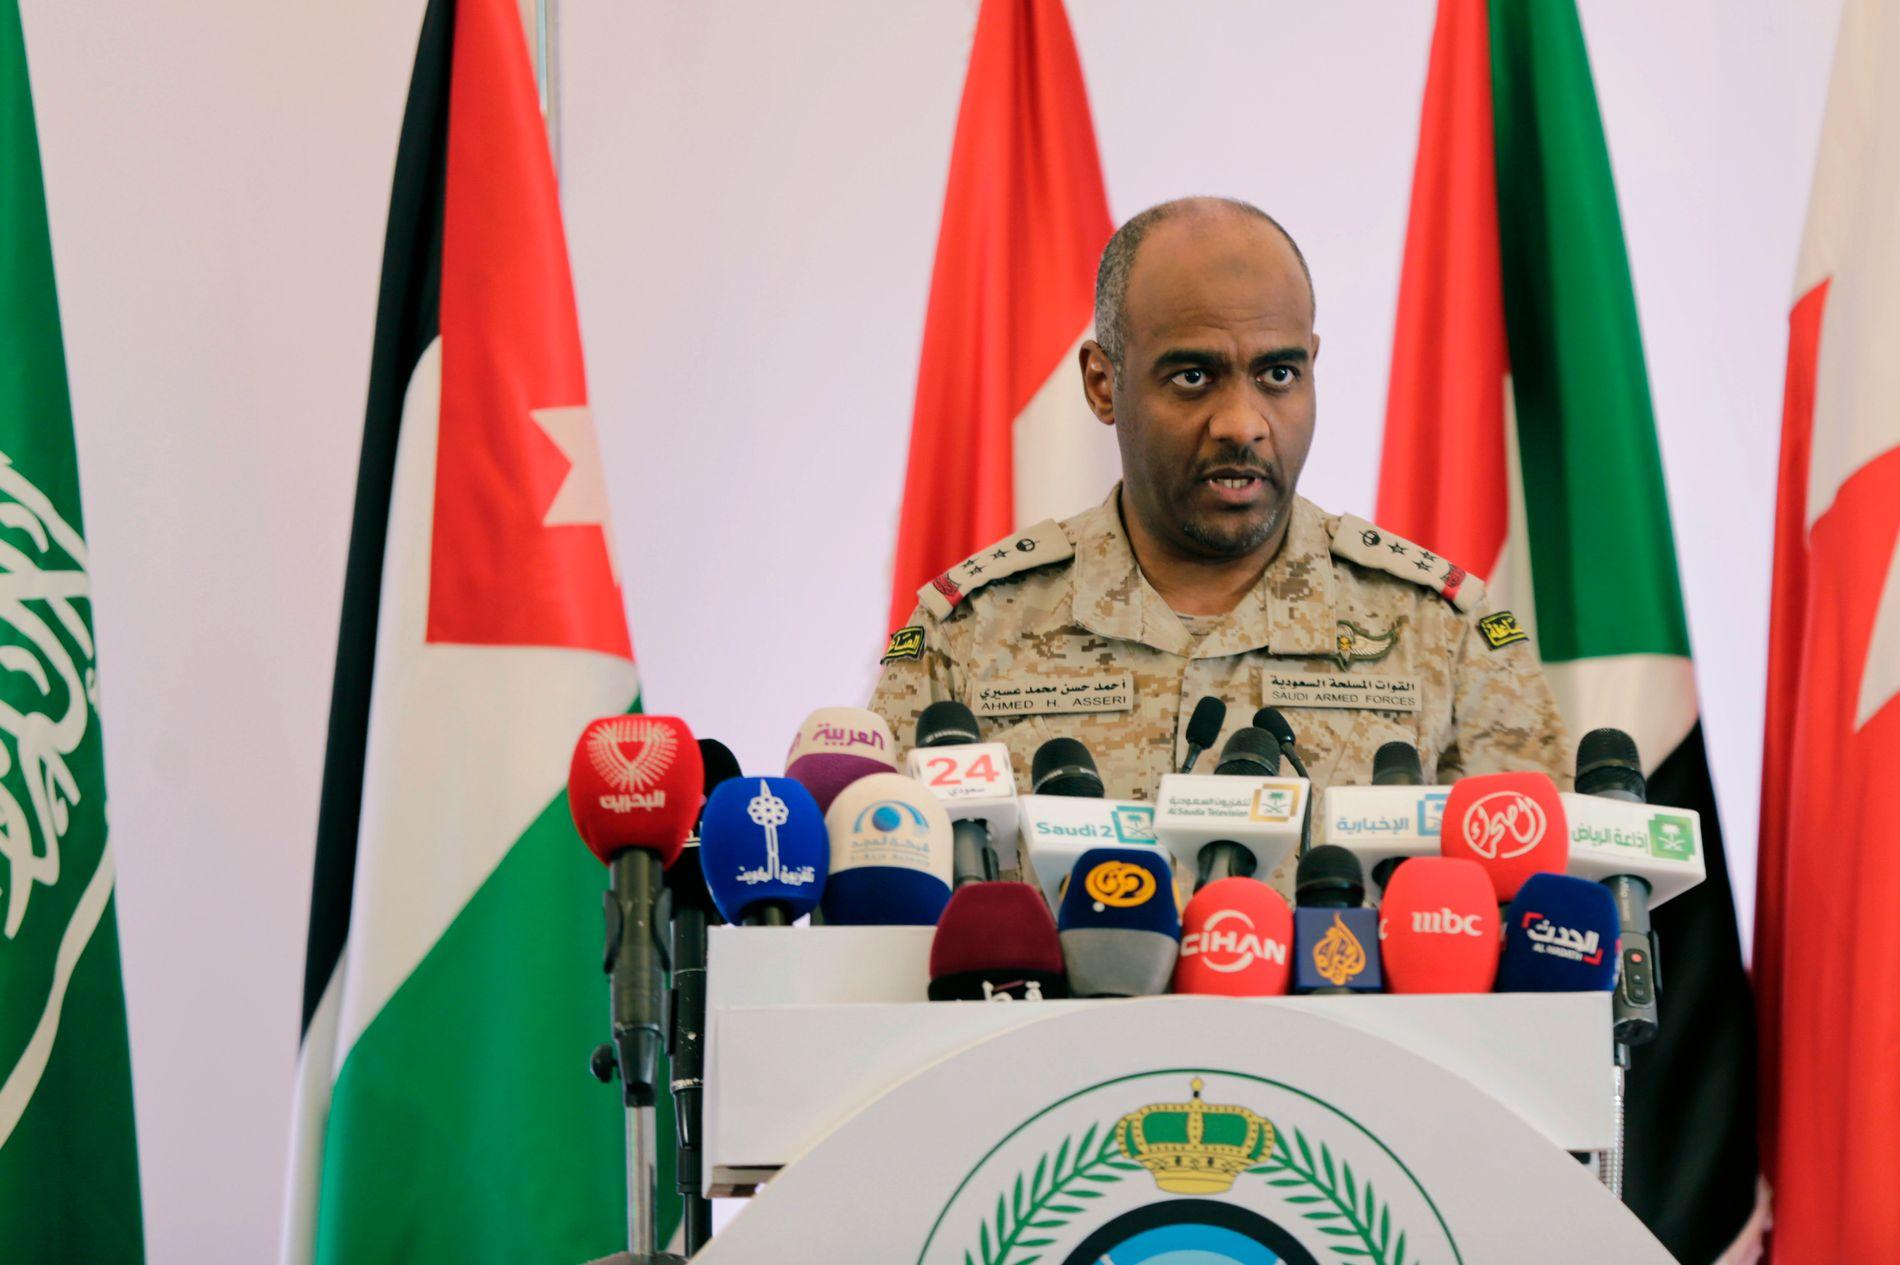 MÅ GÅ: Ahmed al-Asiri har mistet jobben som nestleder i Saudi-Arabias viktigste etterretningsorganisasjon.